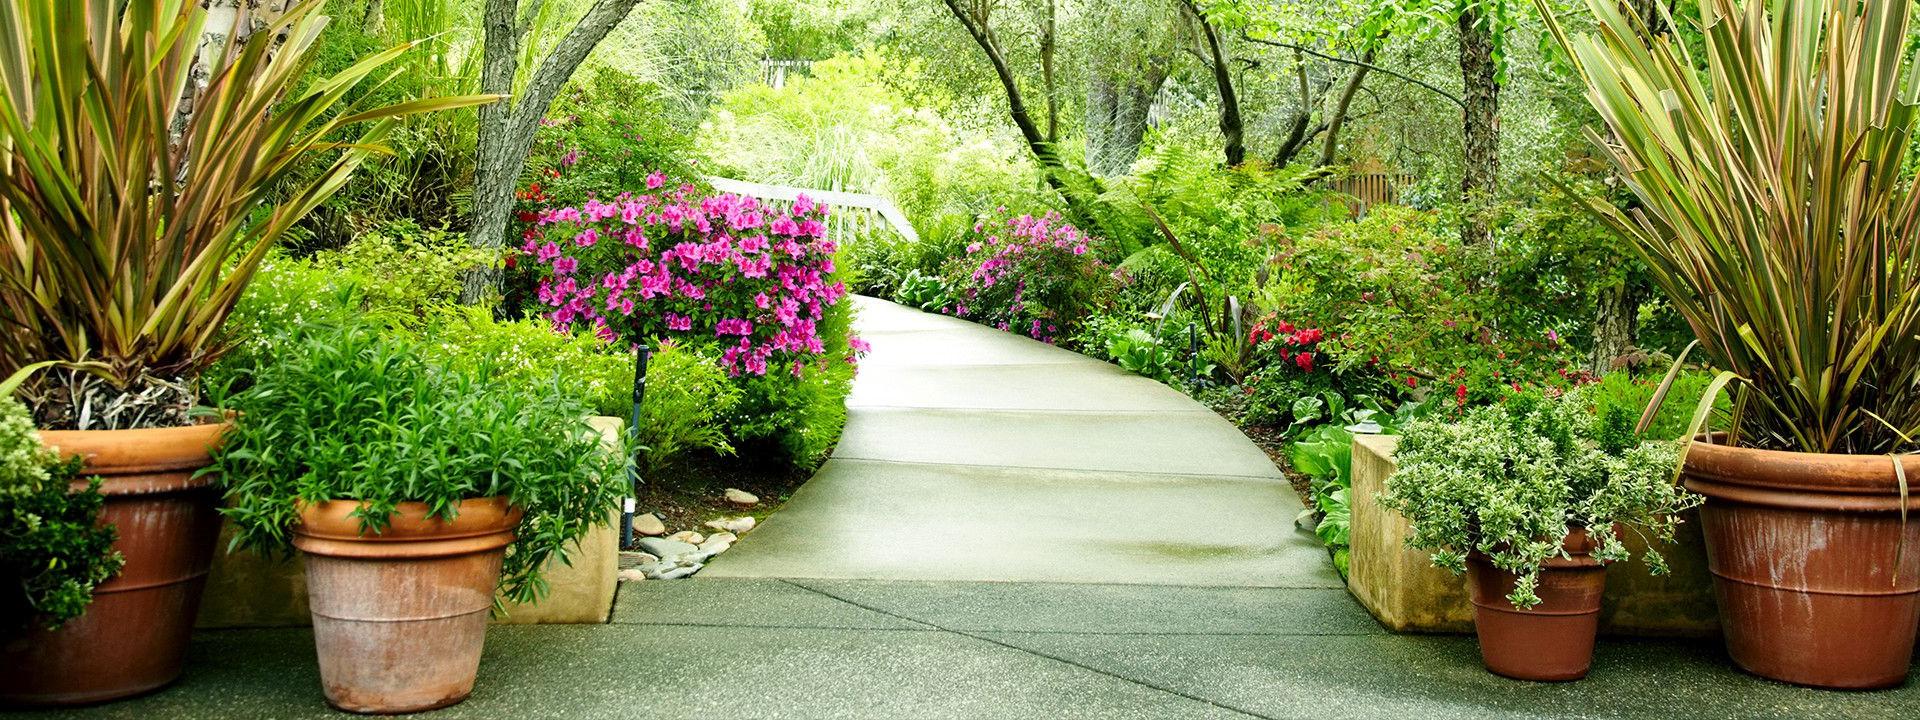 Resources   Memory Lane Memorial Park & Funeral Home